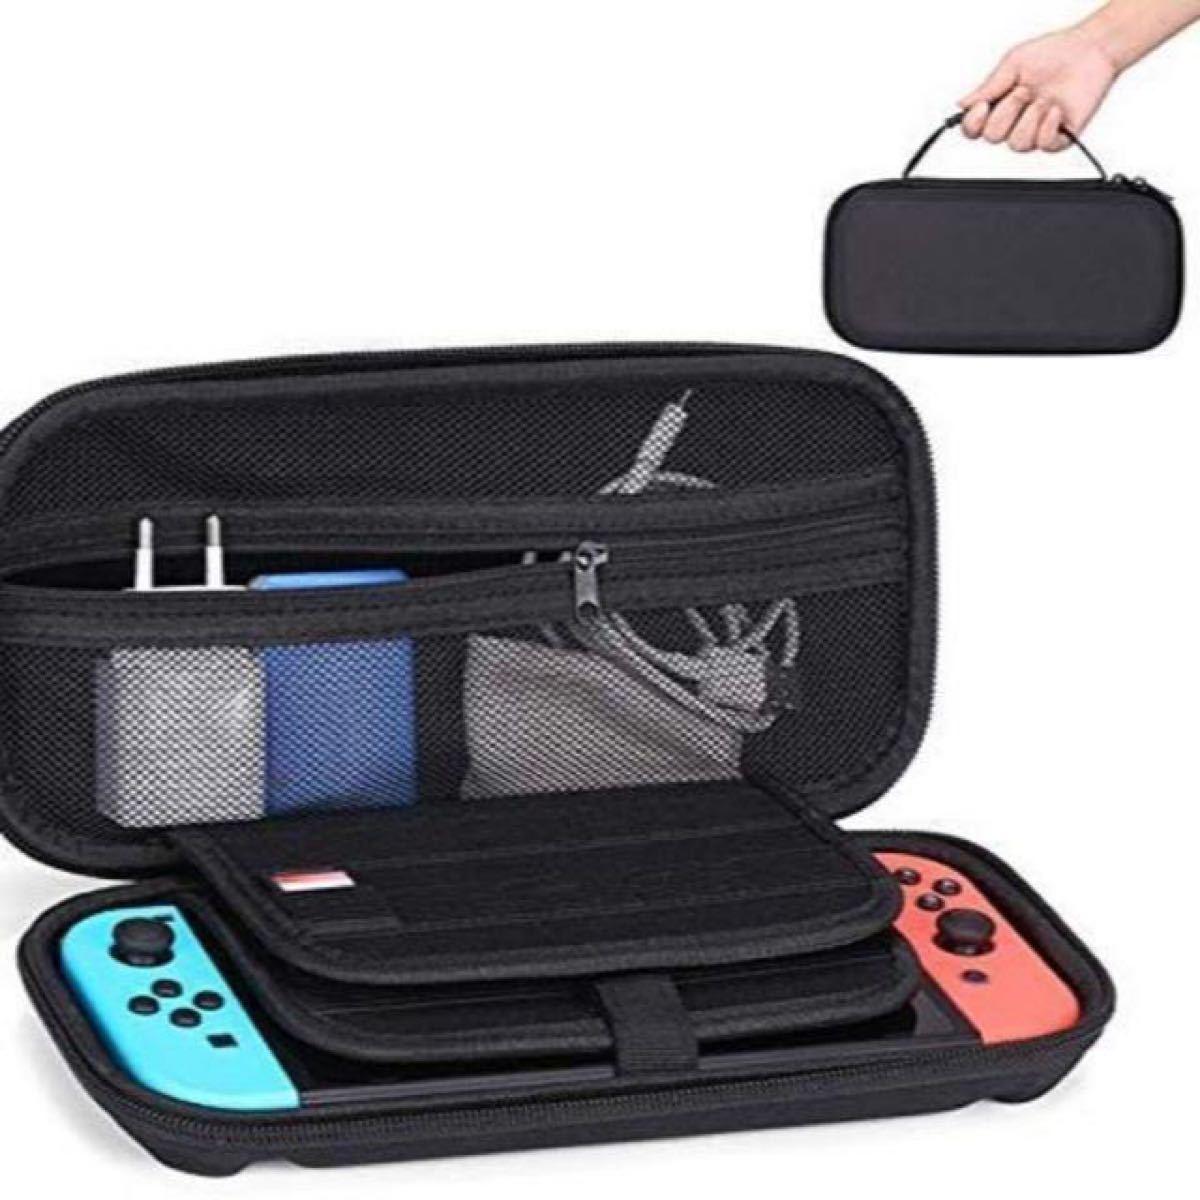 Nintendo Switch ニンテンドースイッチ ソフト 任天堂スイッチ